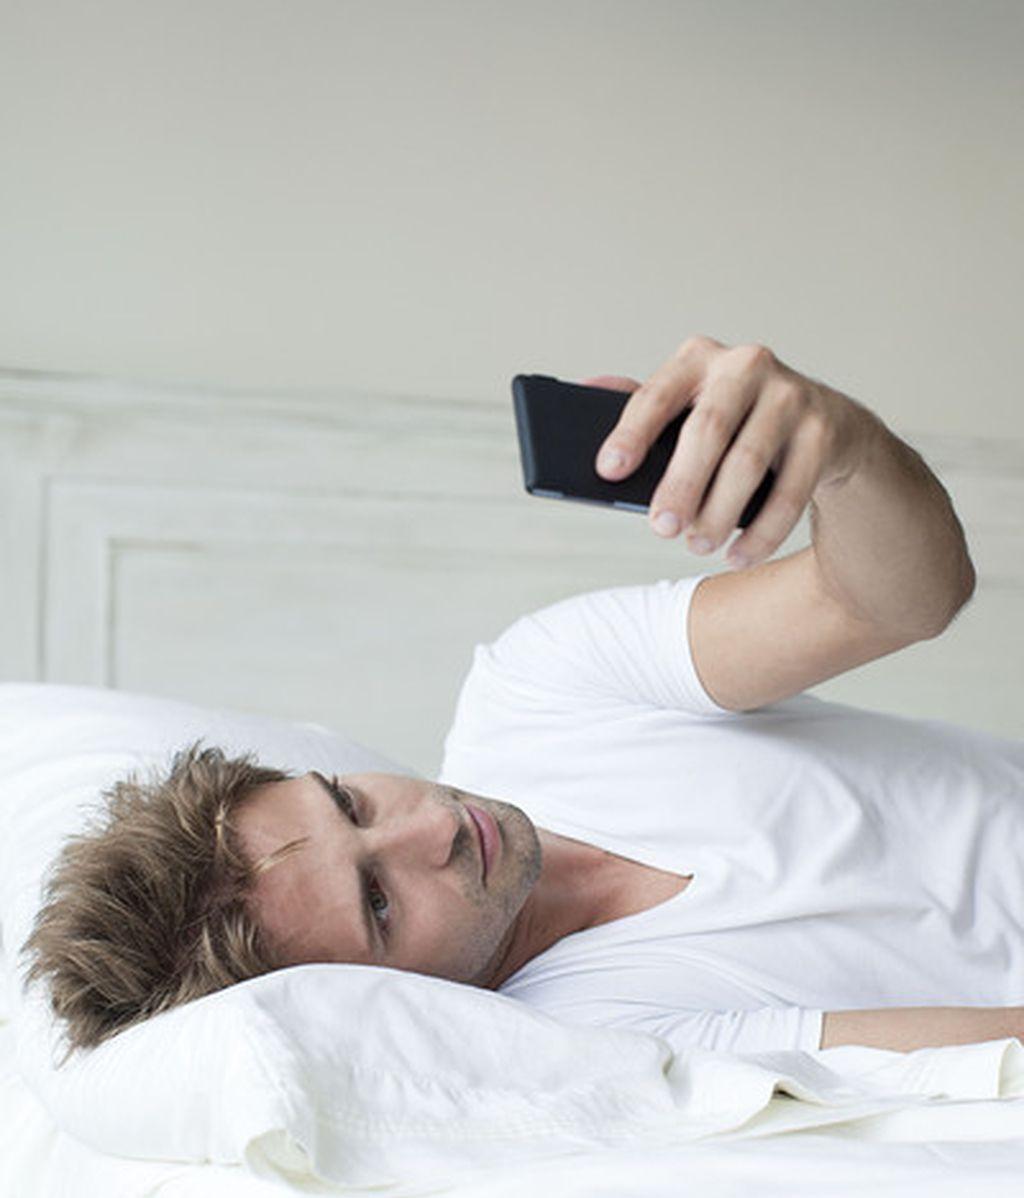 No es bueno usar el móvil antes de dormir